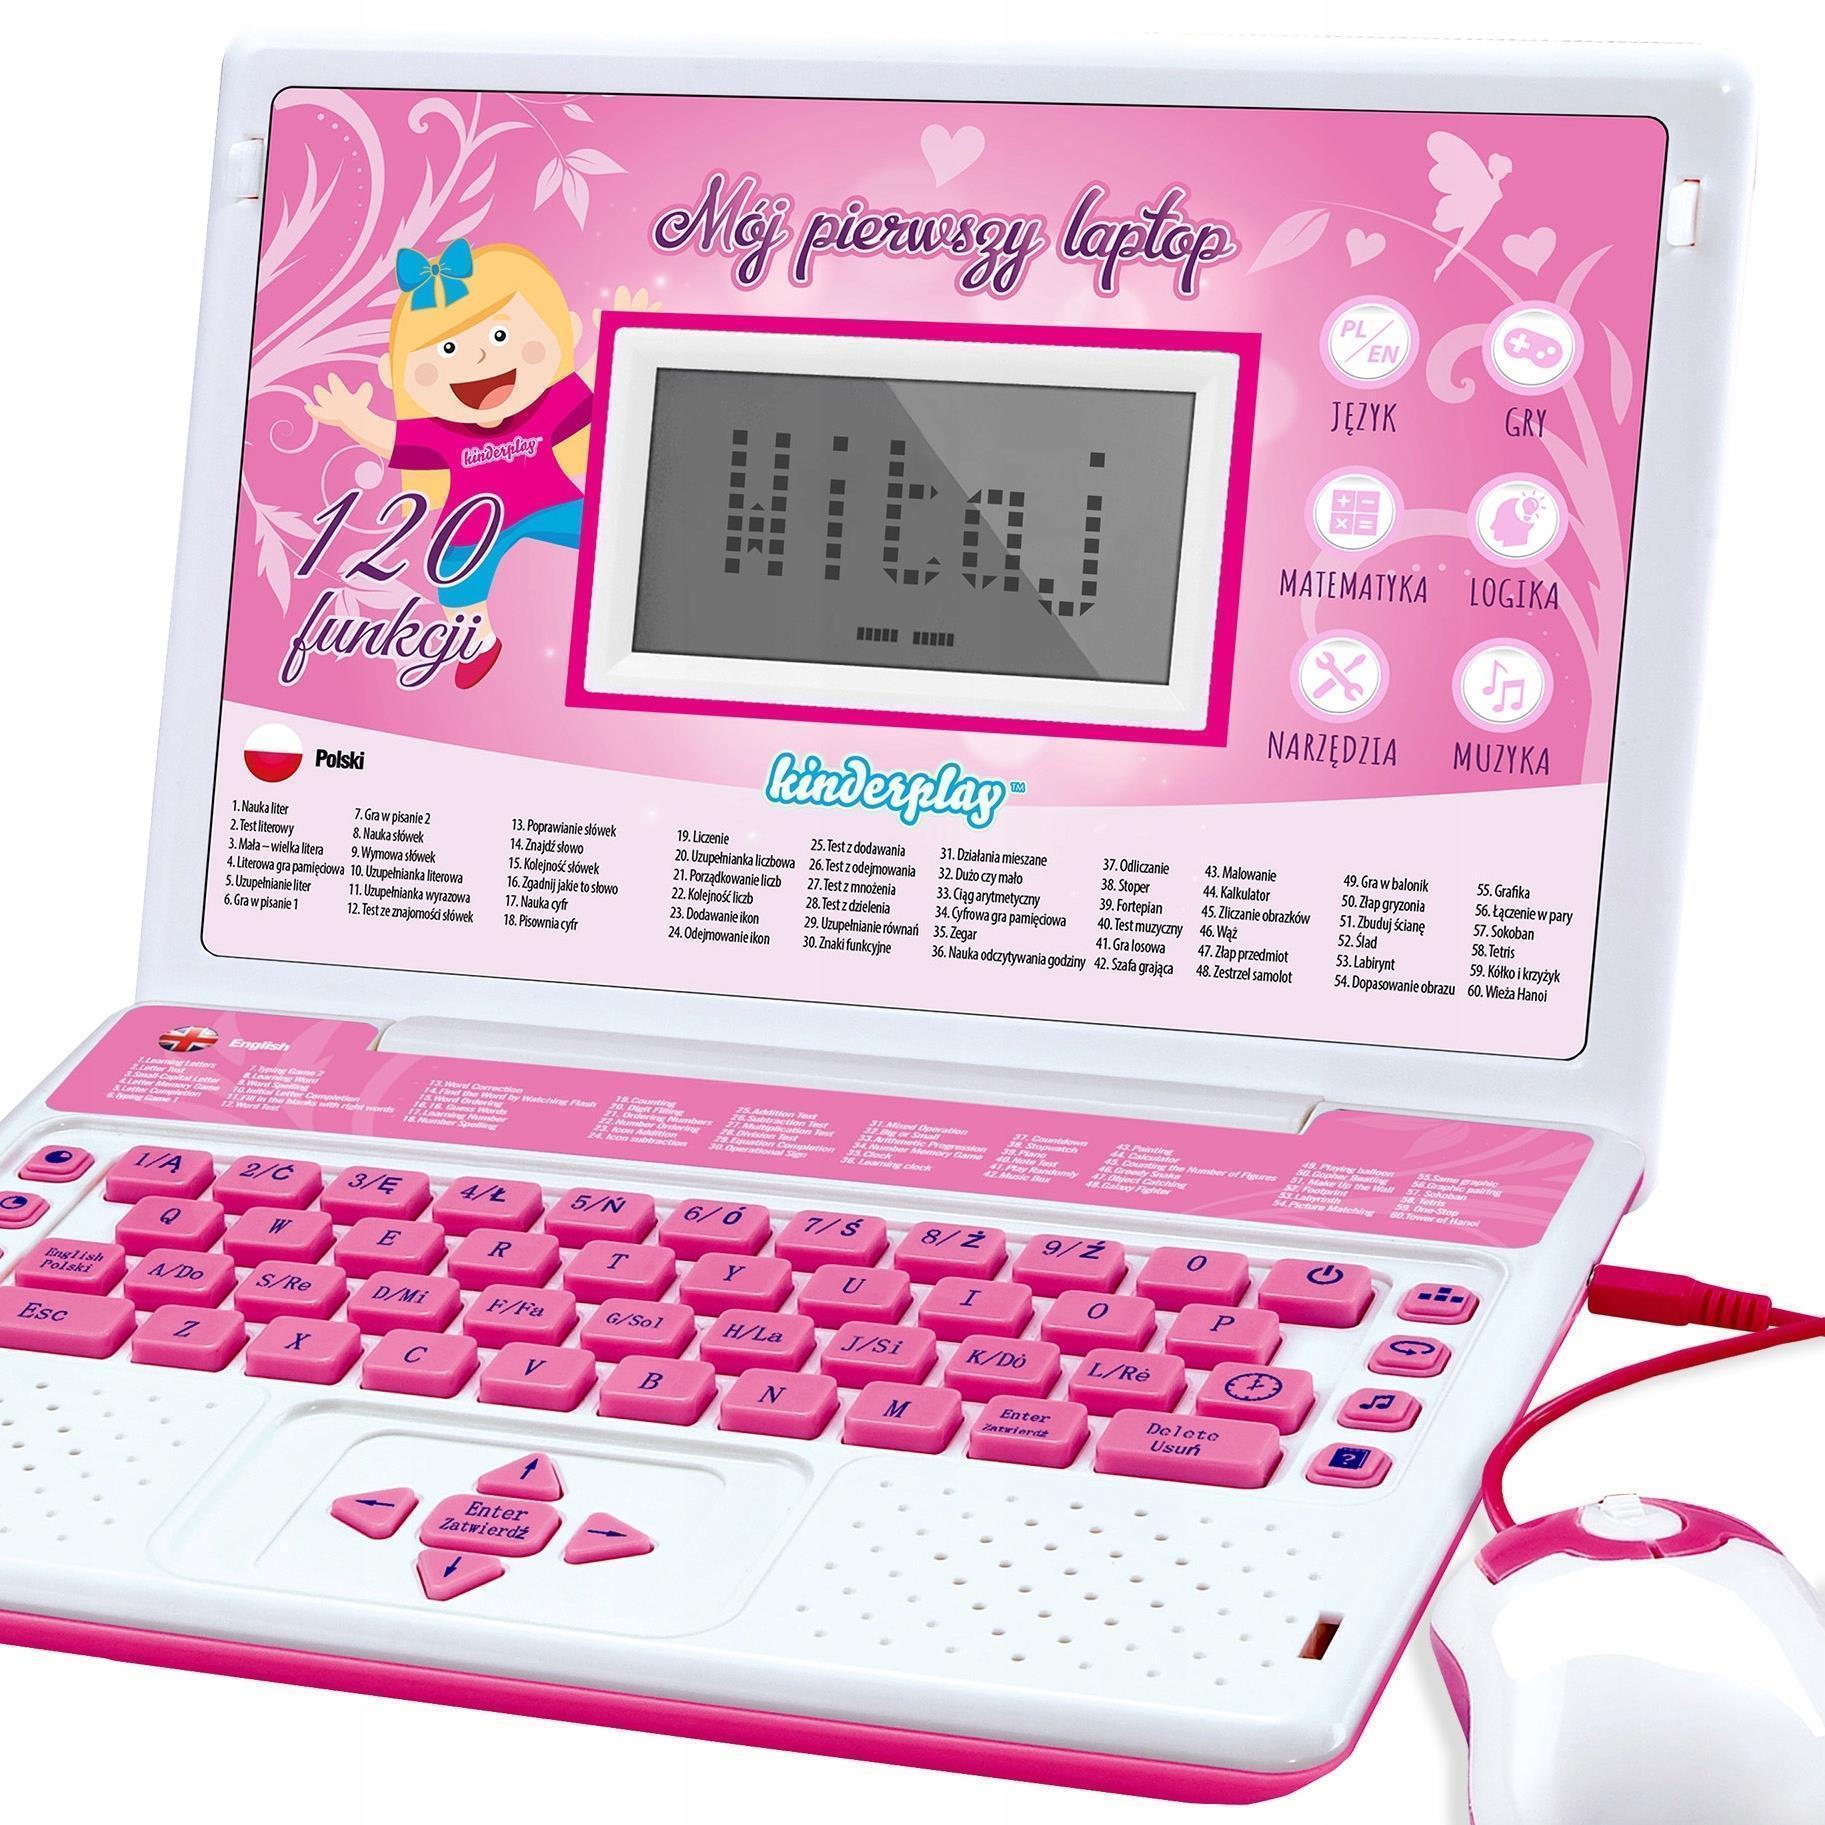 Kinderplay Laptop Dla Dzieci Edukacyjny Różowy